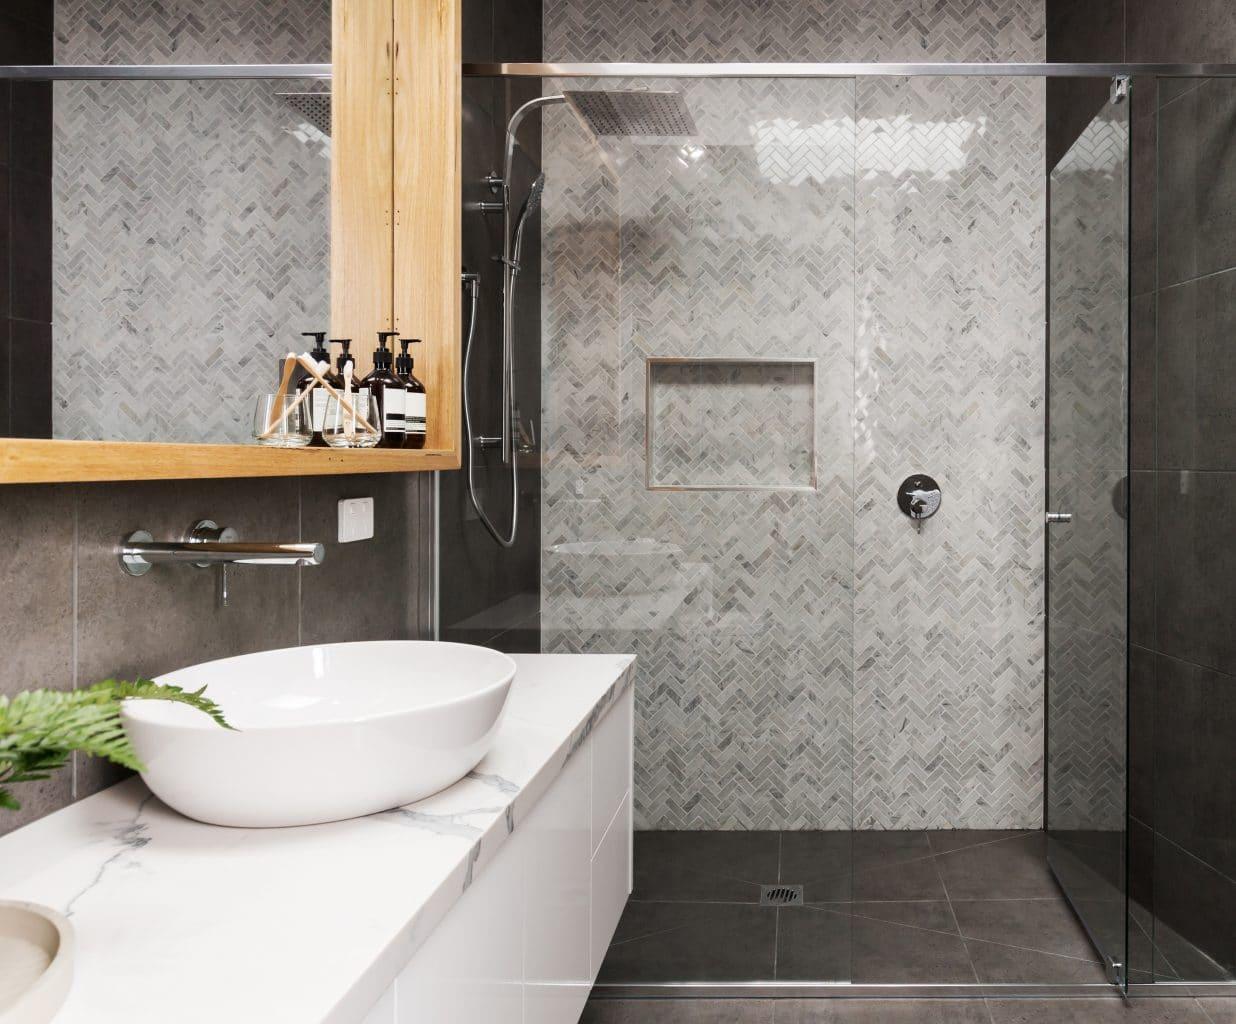 salle de bain douche à l'italienne carrelage faience seche-serviettes meuble vasque